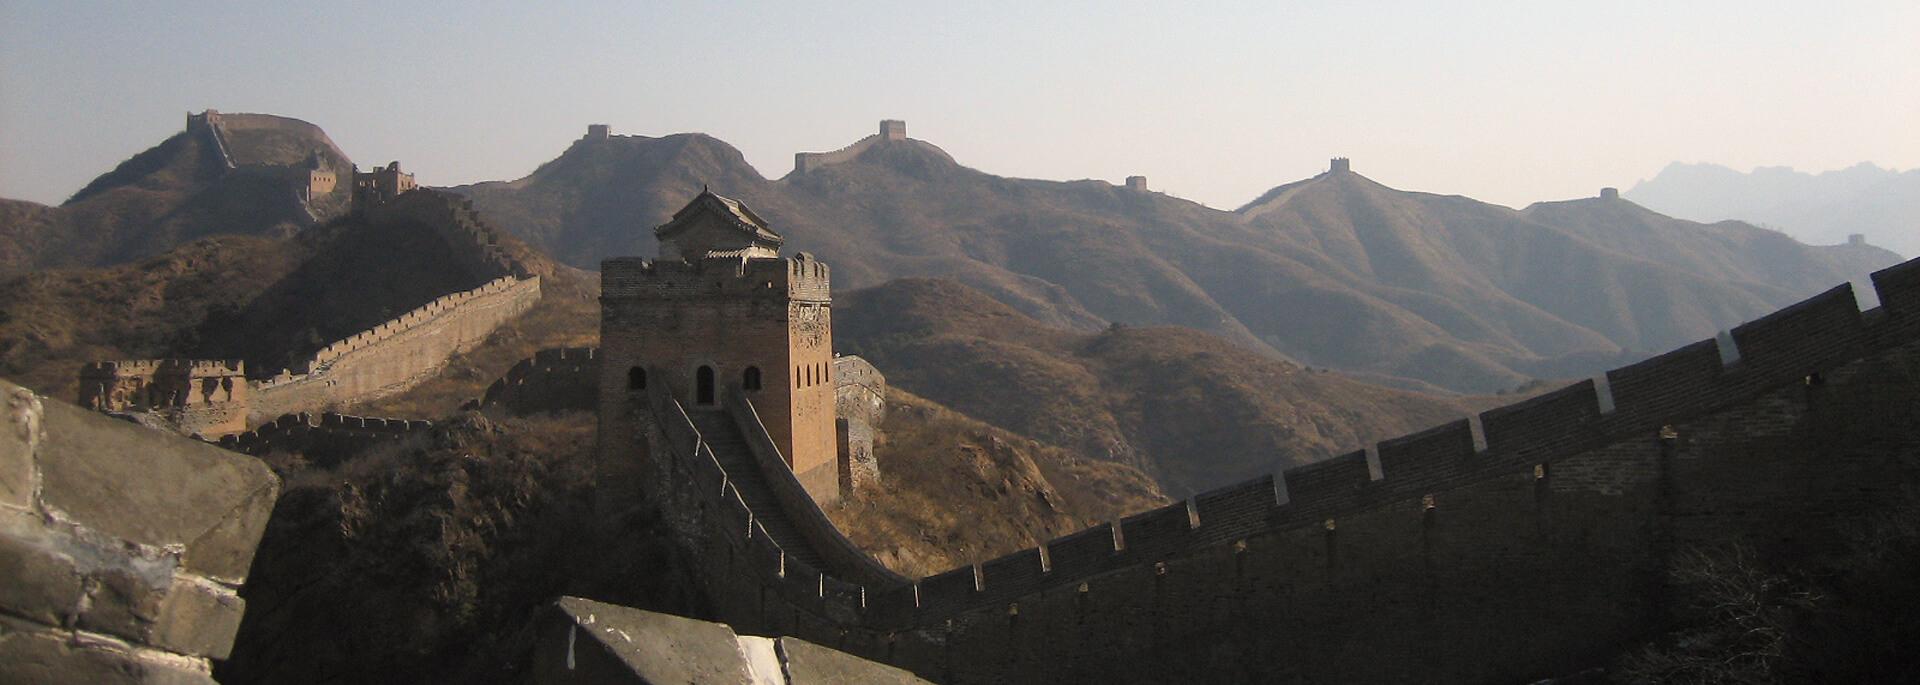 Wie mich die Große Mauer in die Knie zwang